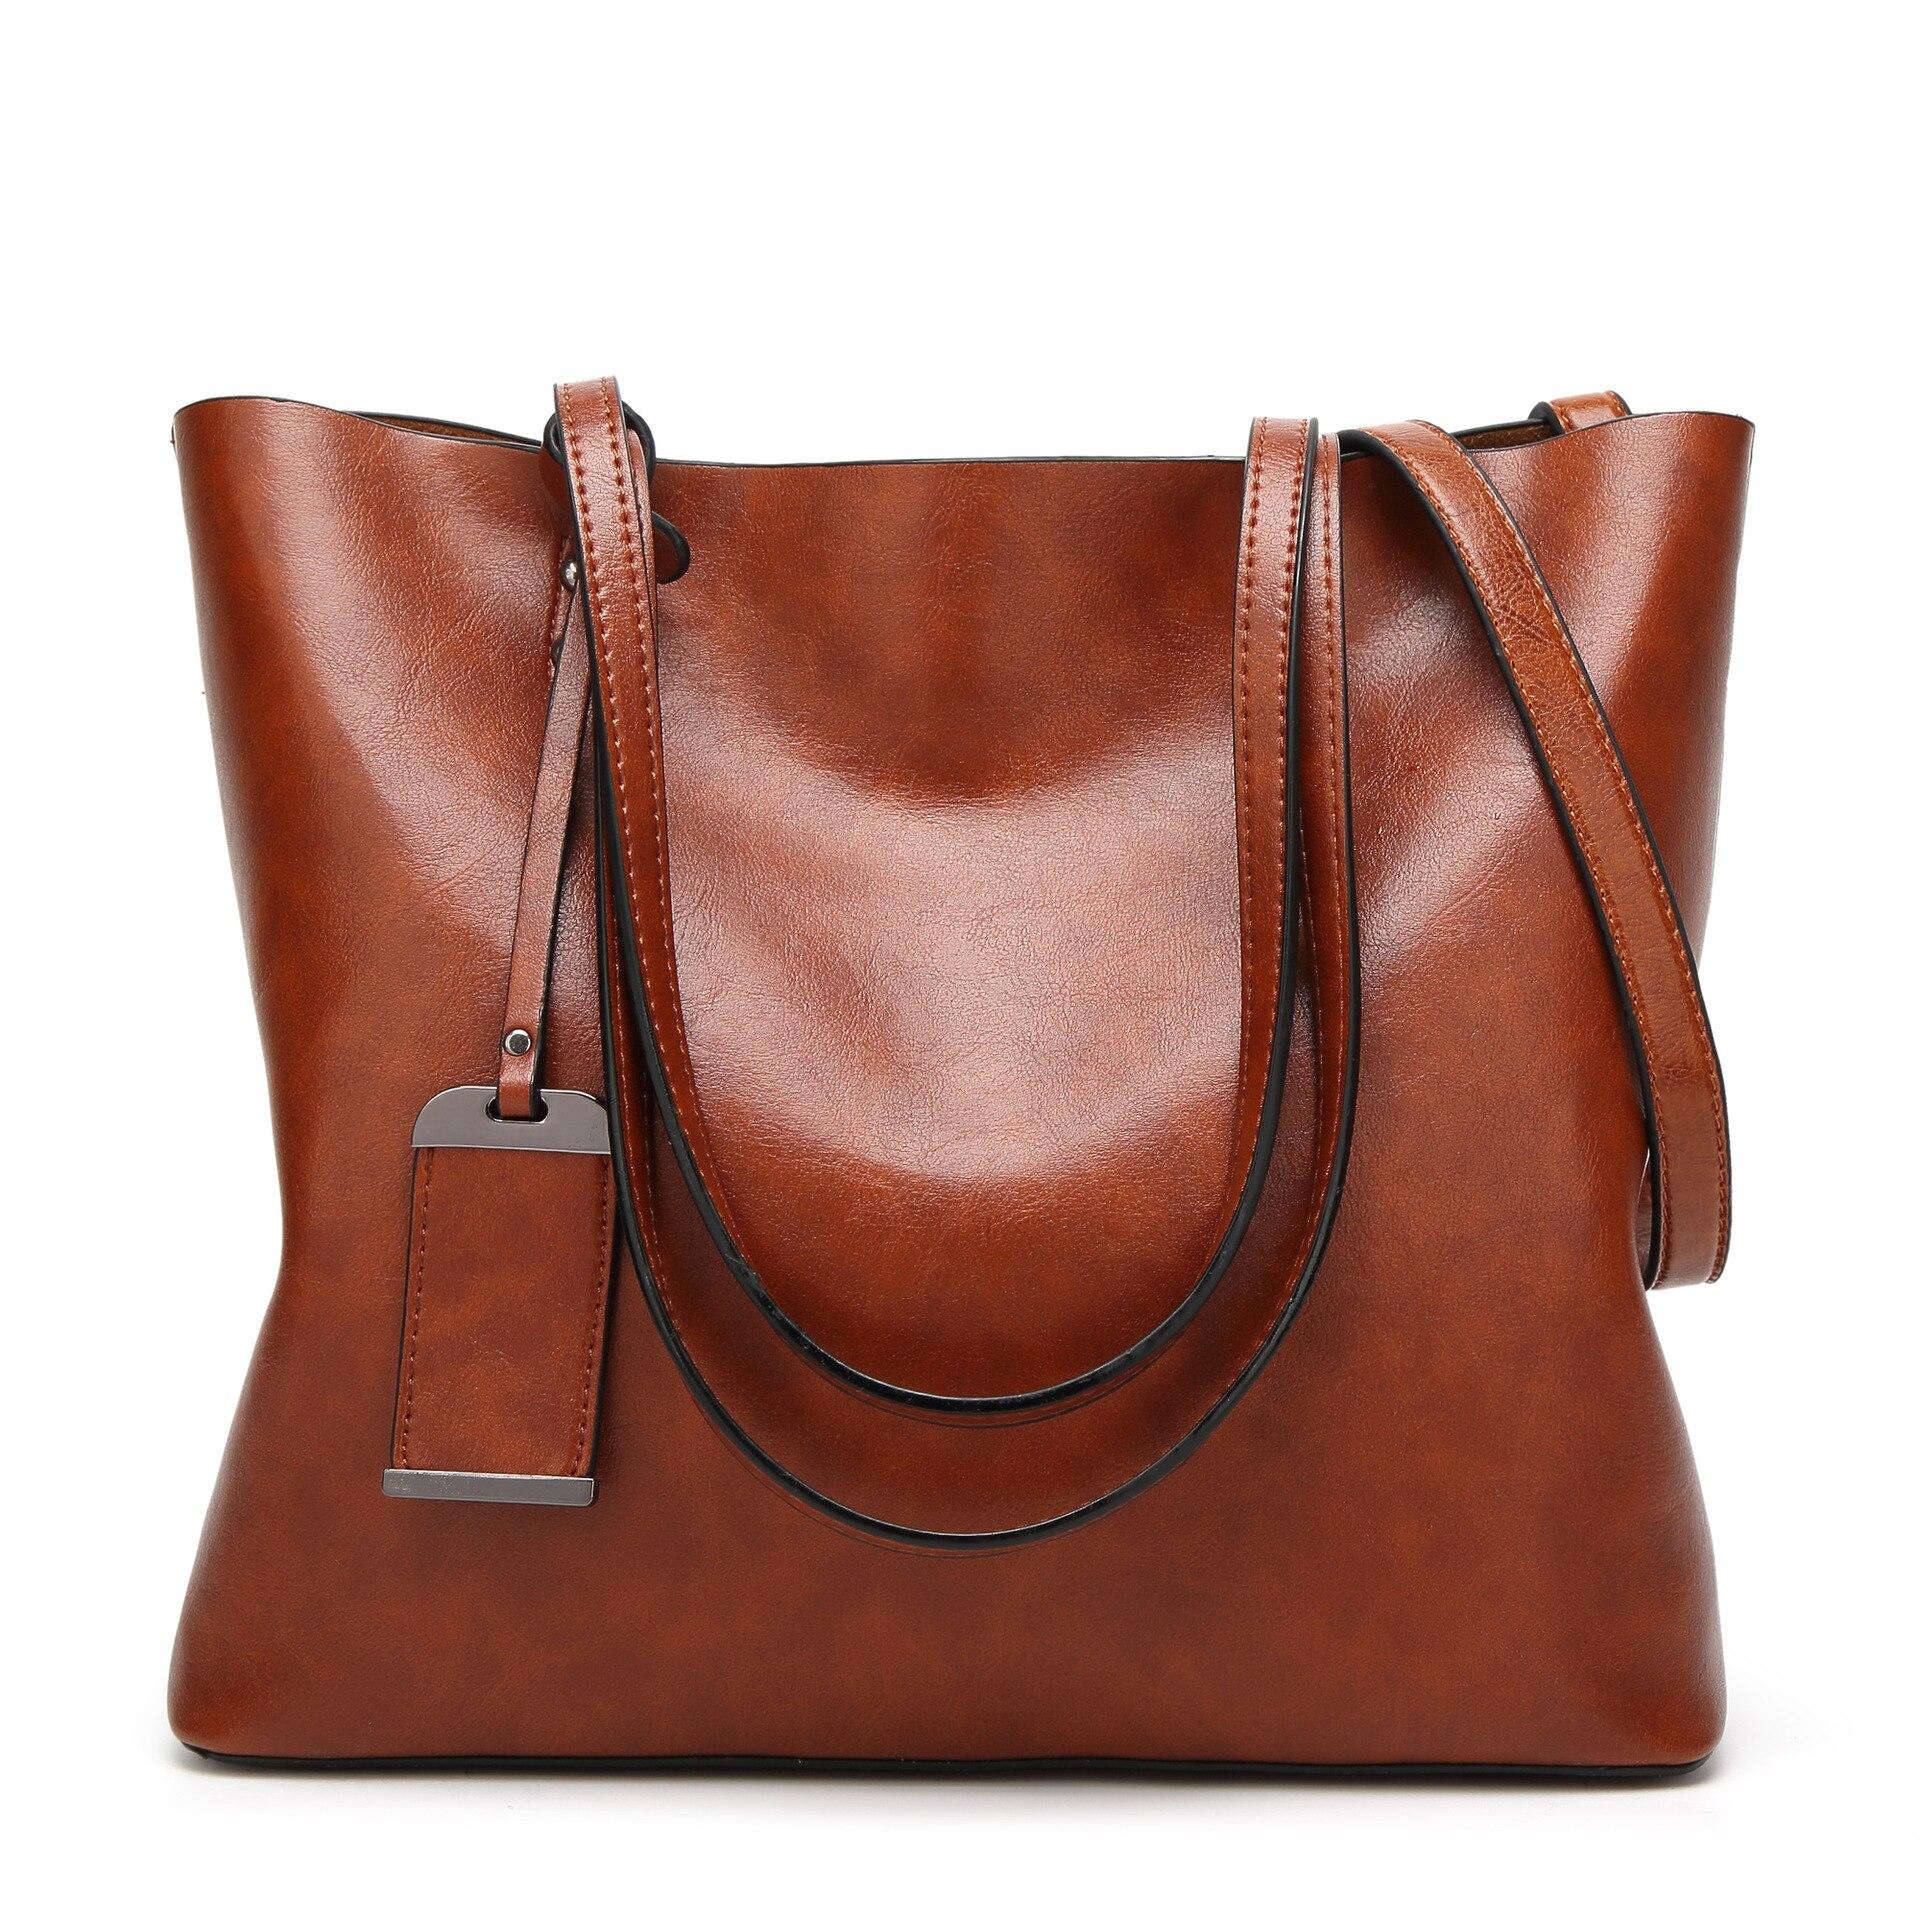 Image 2 - Сумка ведро из вощеной кожи, простая сумка через плечо с двойным ремешком для женщин 2018, универсальная сумка для шоппингаСумки с ручками   -